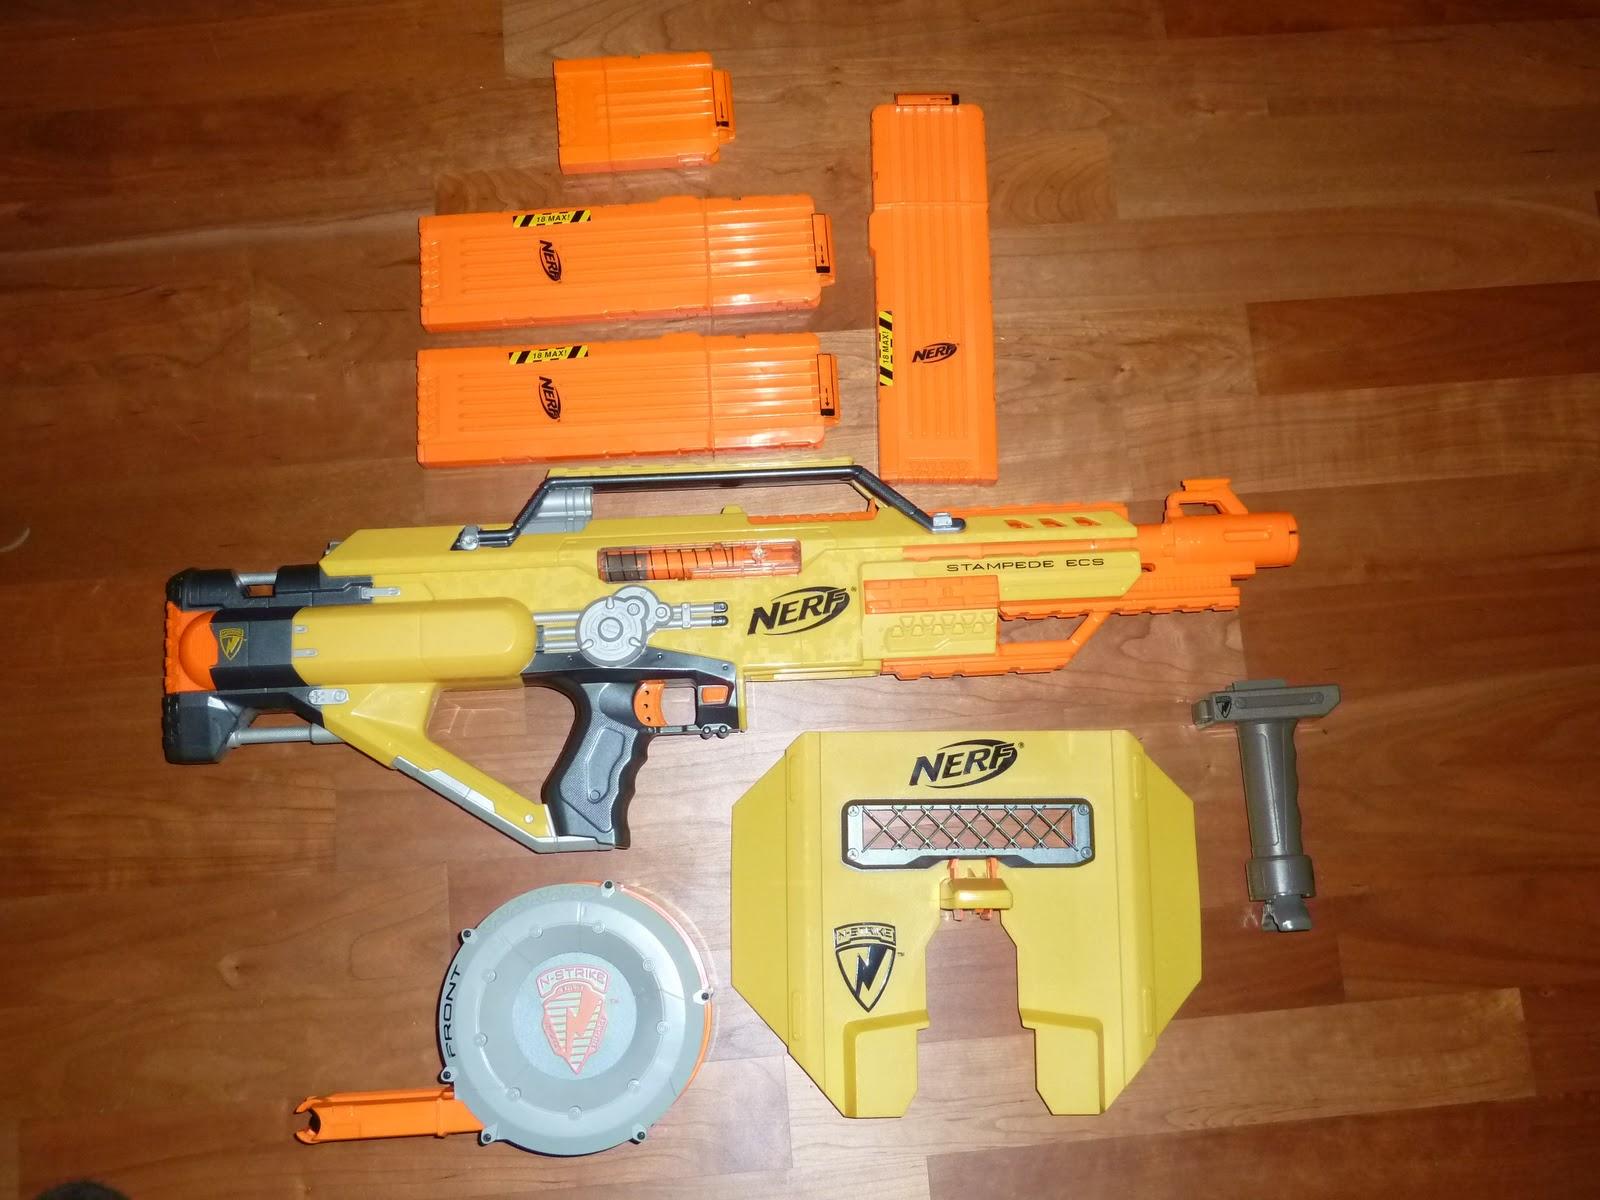 Gap Alles 252 Ber Spielzeug Waffen Die Stampede Ecs Die